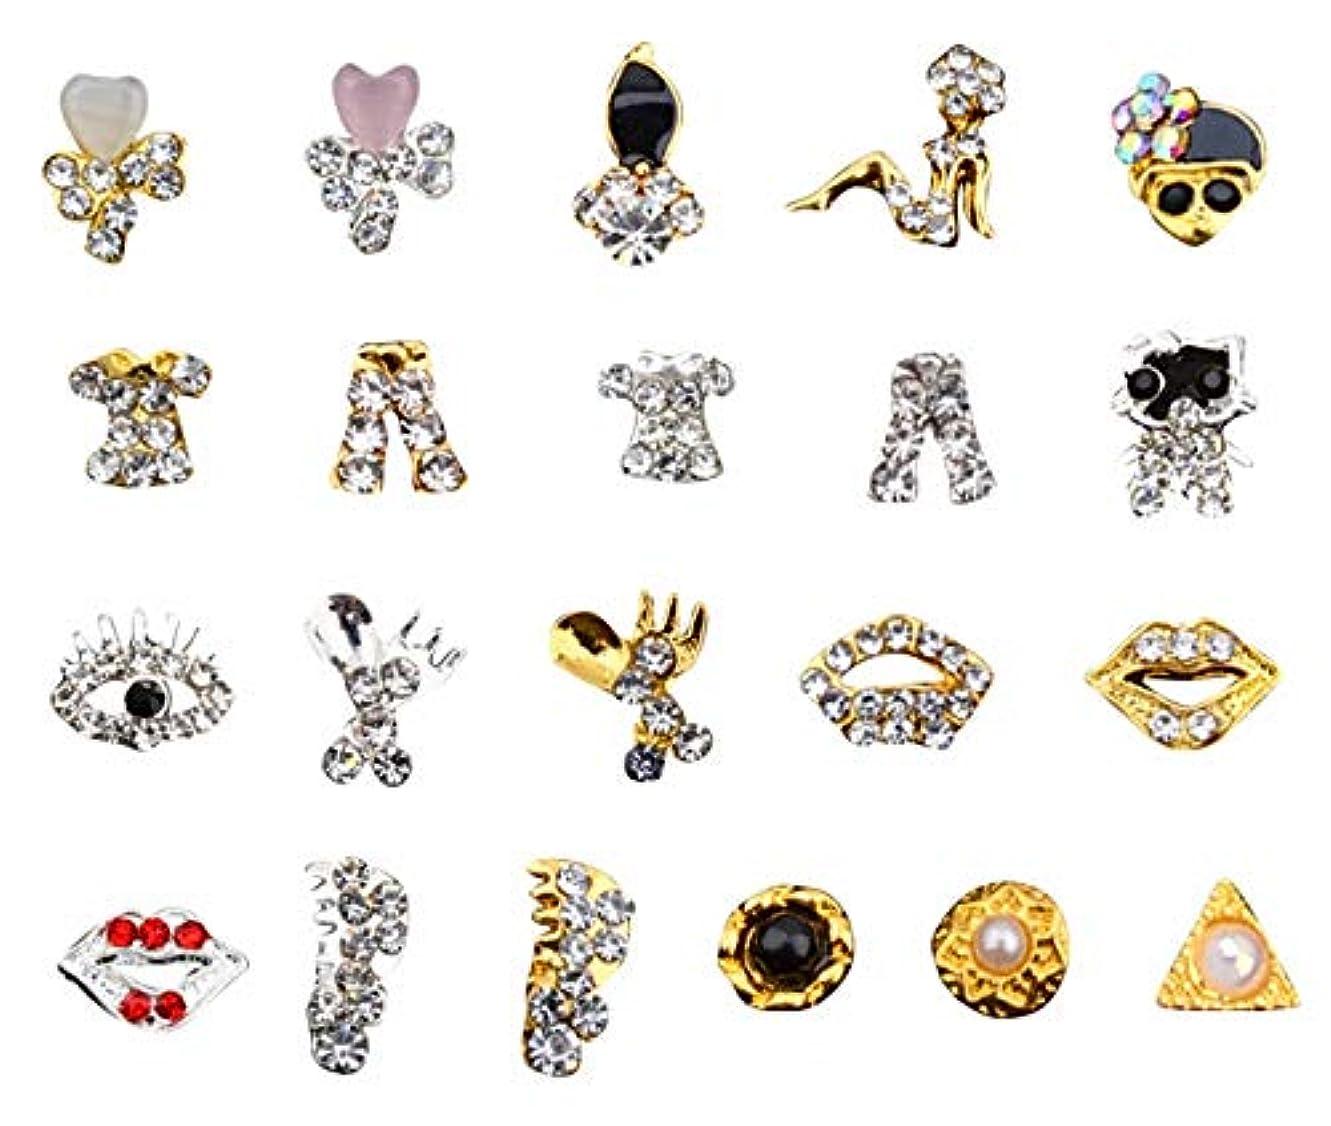 サポート約声を出してKerwinner ネイルアートの装飾用品のためのラインストーン宝石ストーンズネイル